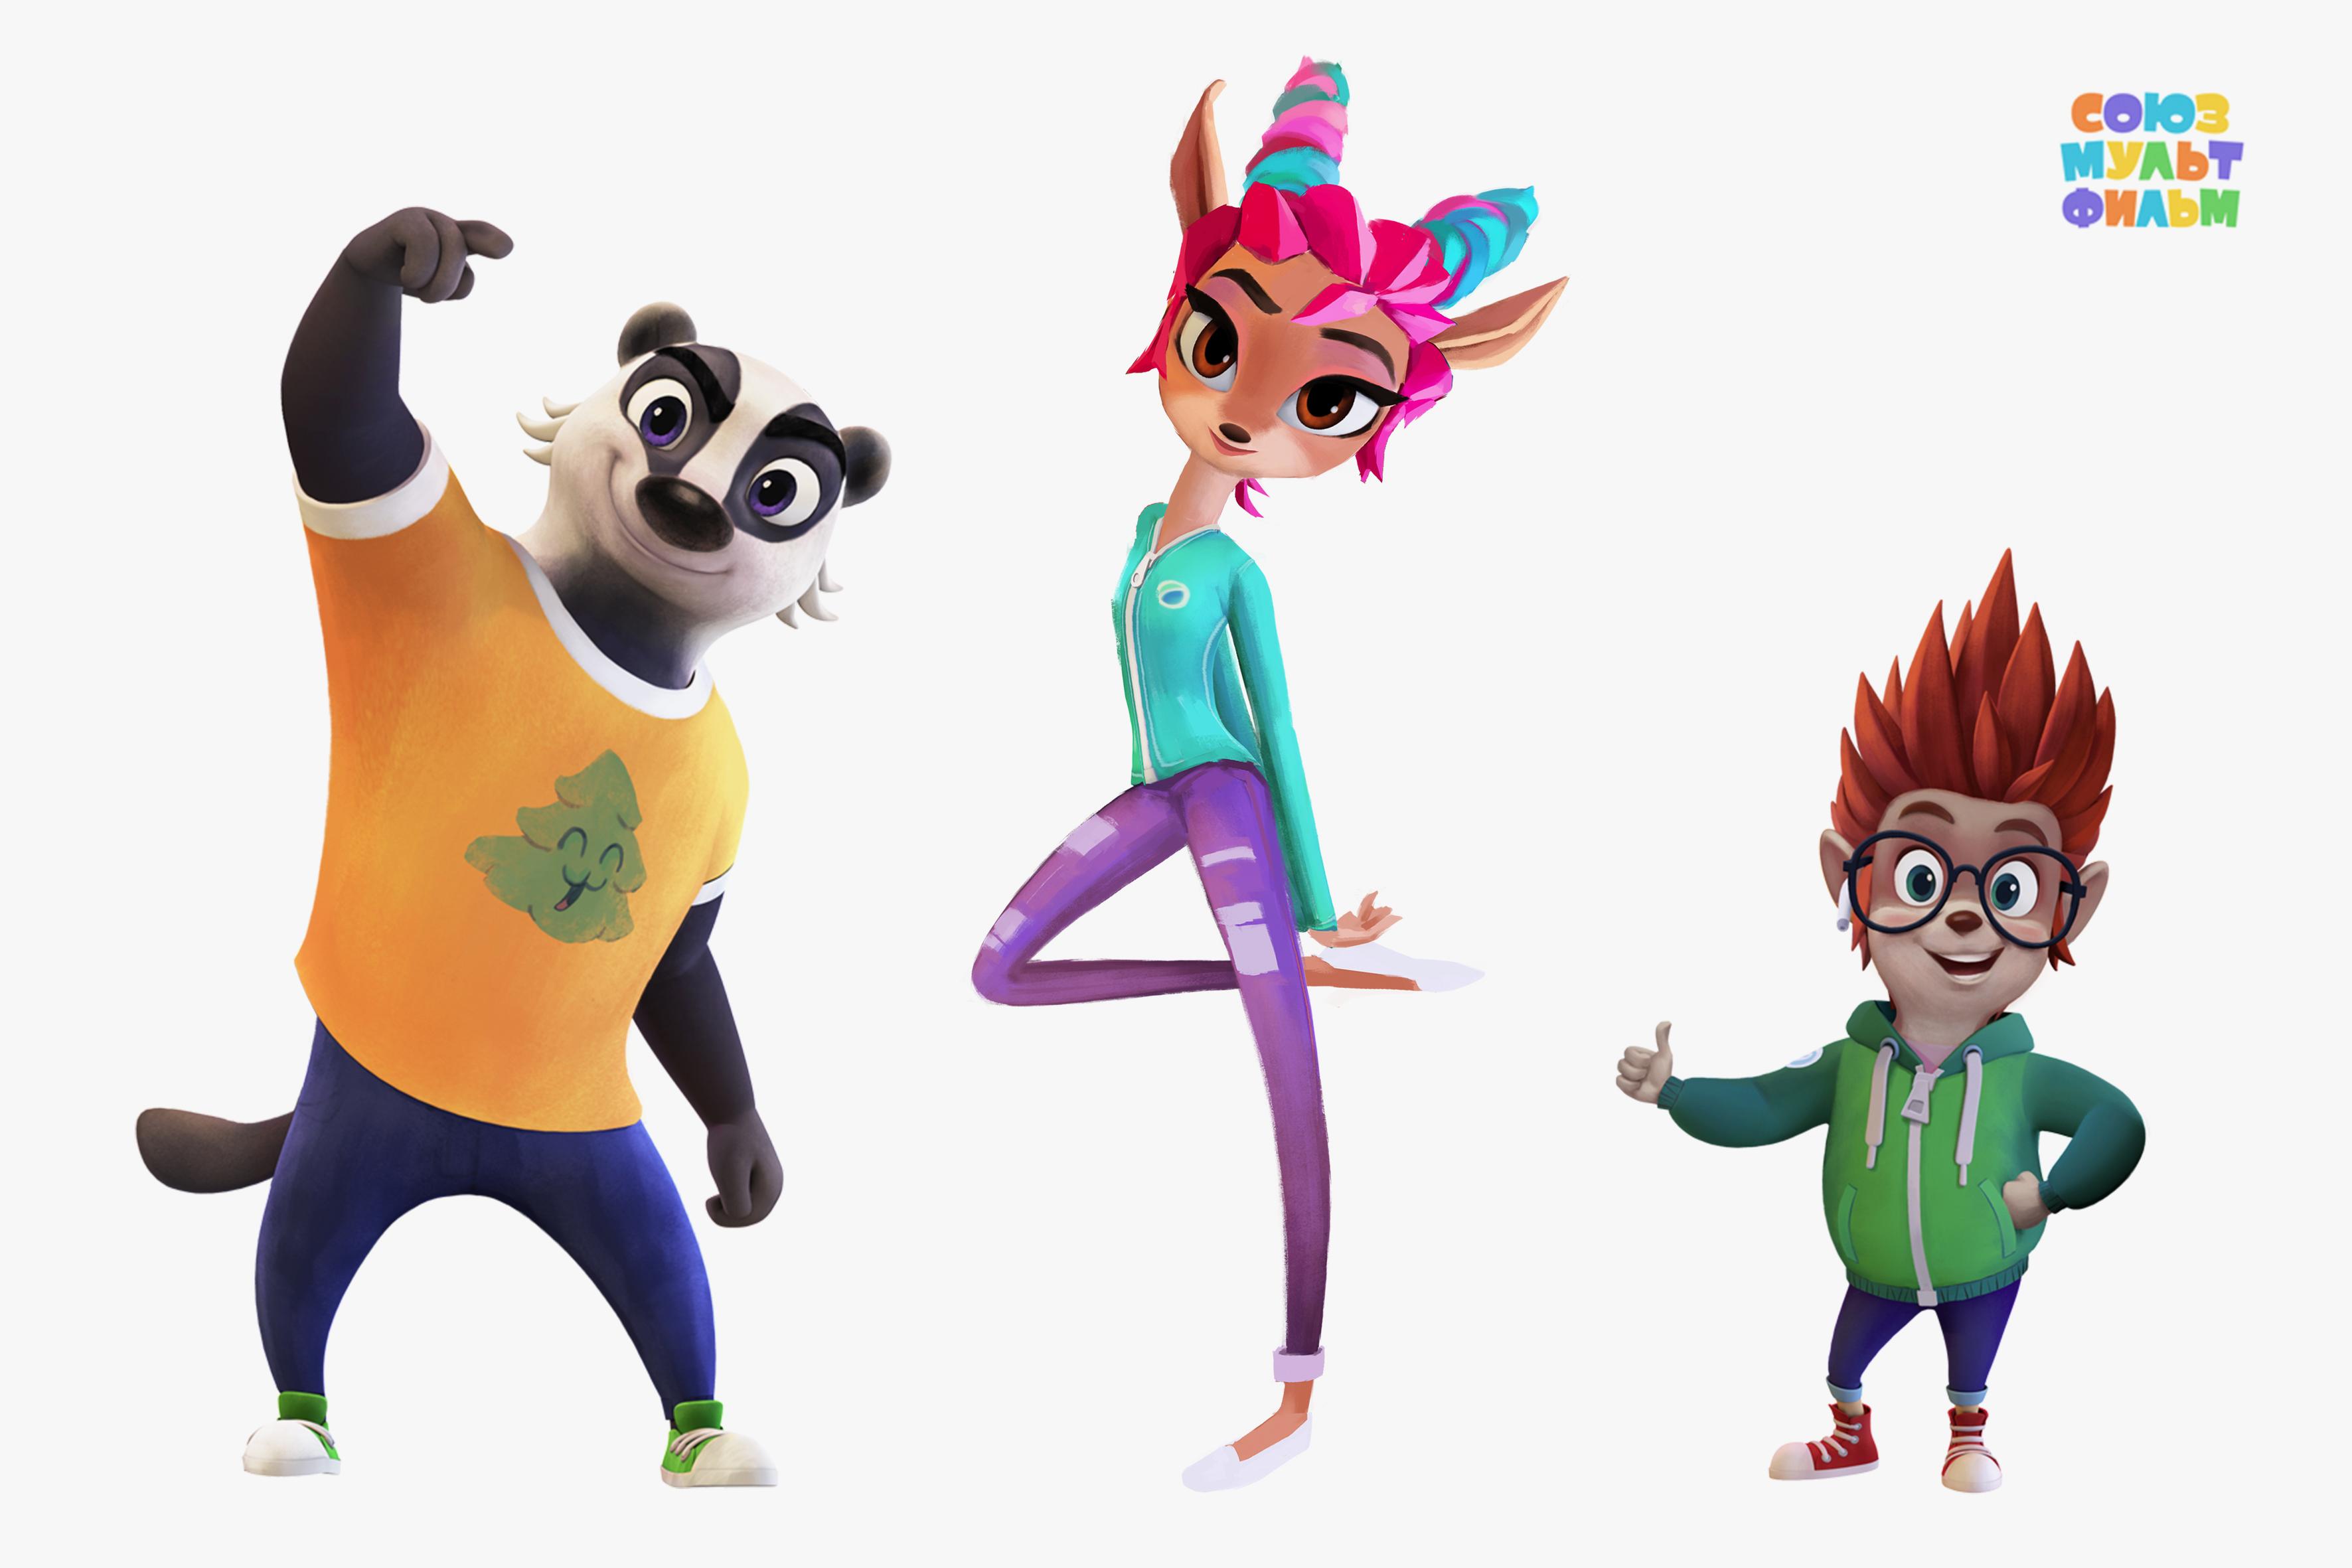 Смотрим на новых персонажей перезапуска «Ну, погоди!»: косуля, барсук и еж